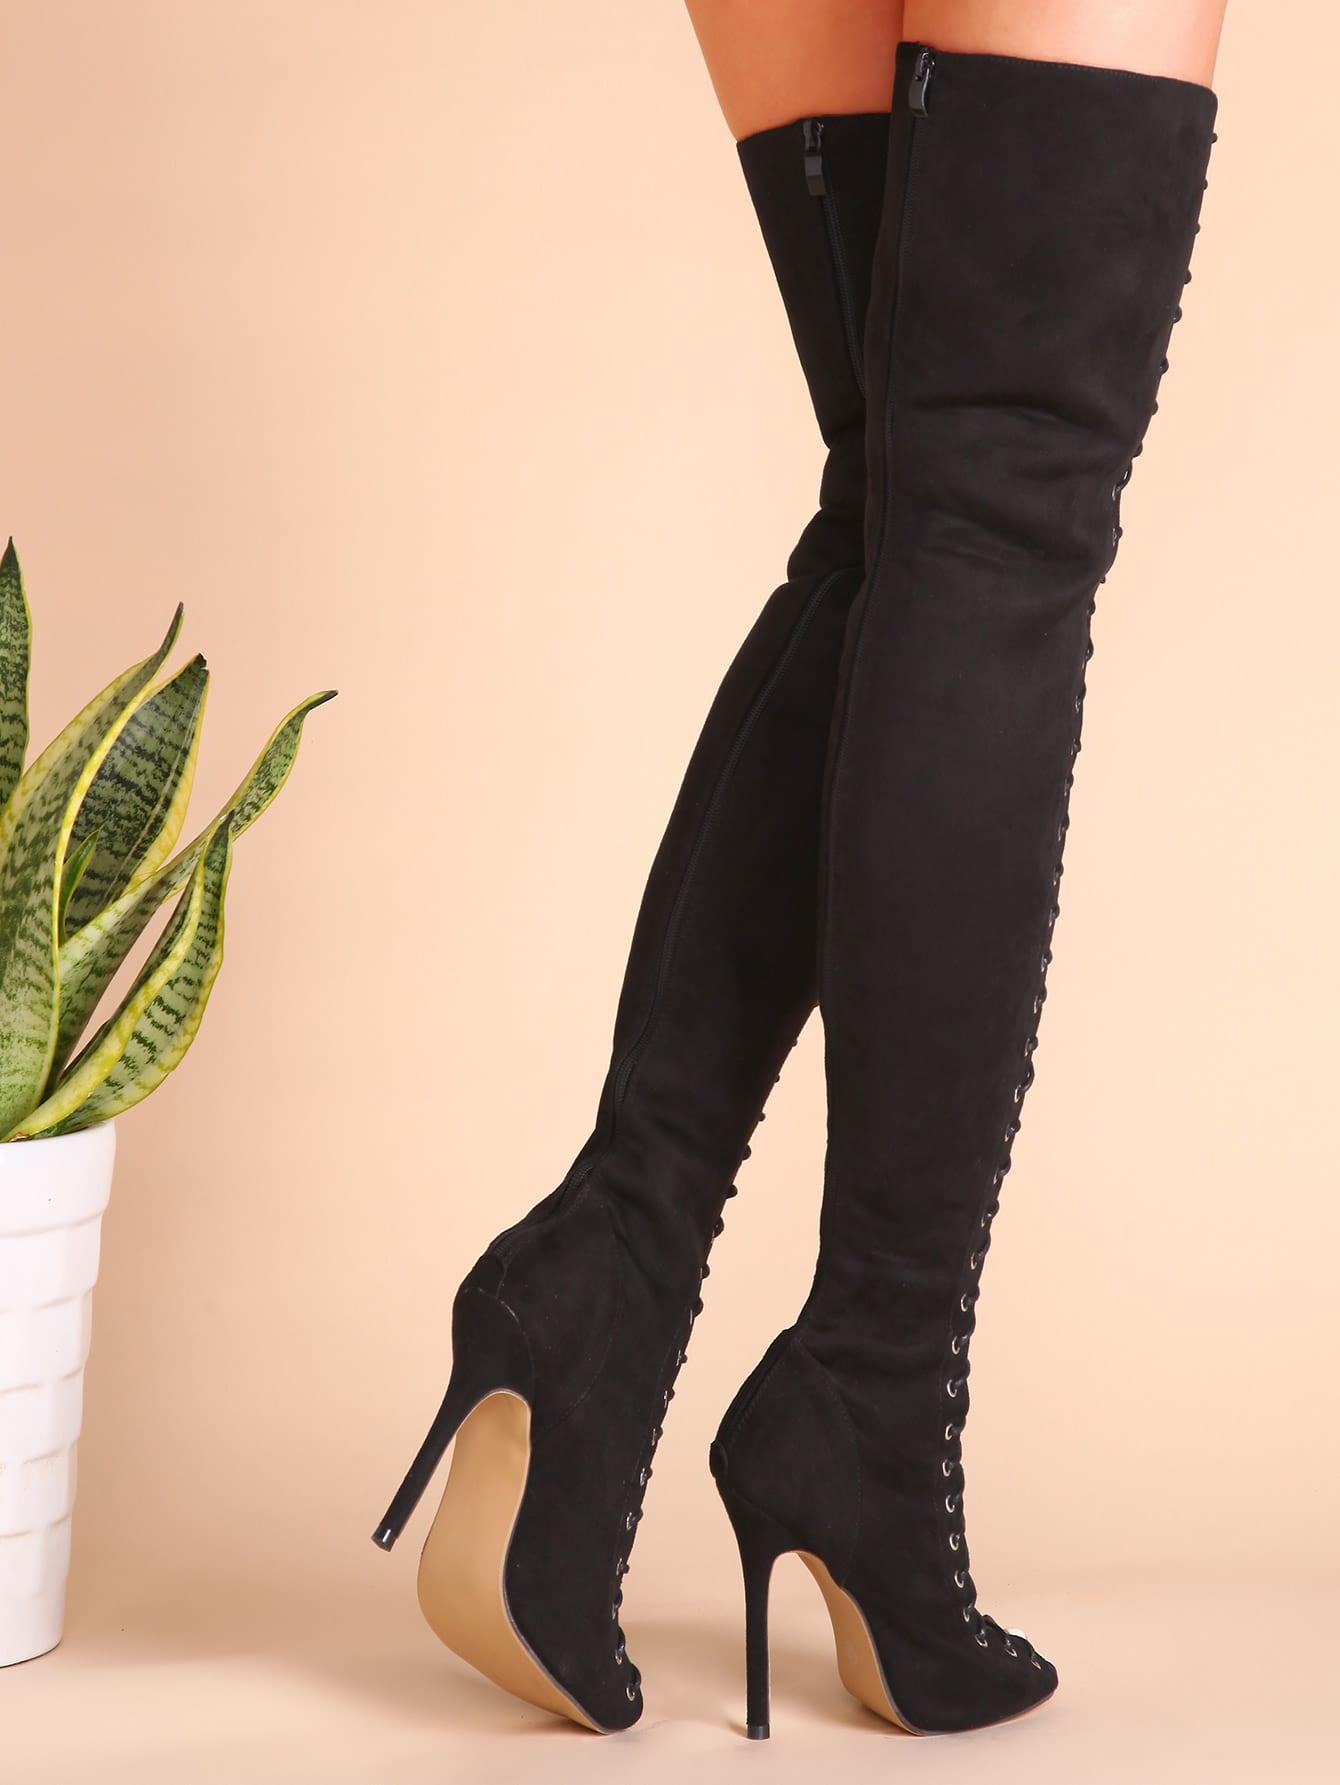 shoes161115805_2